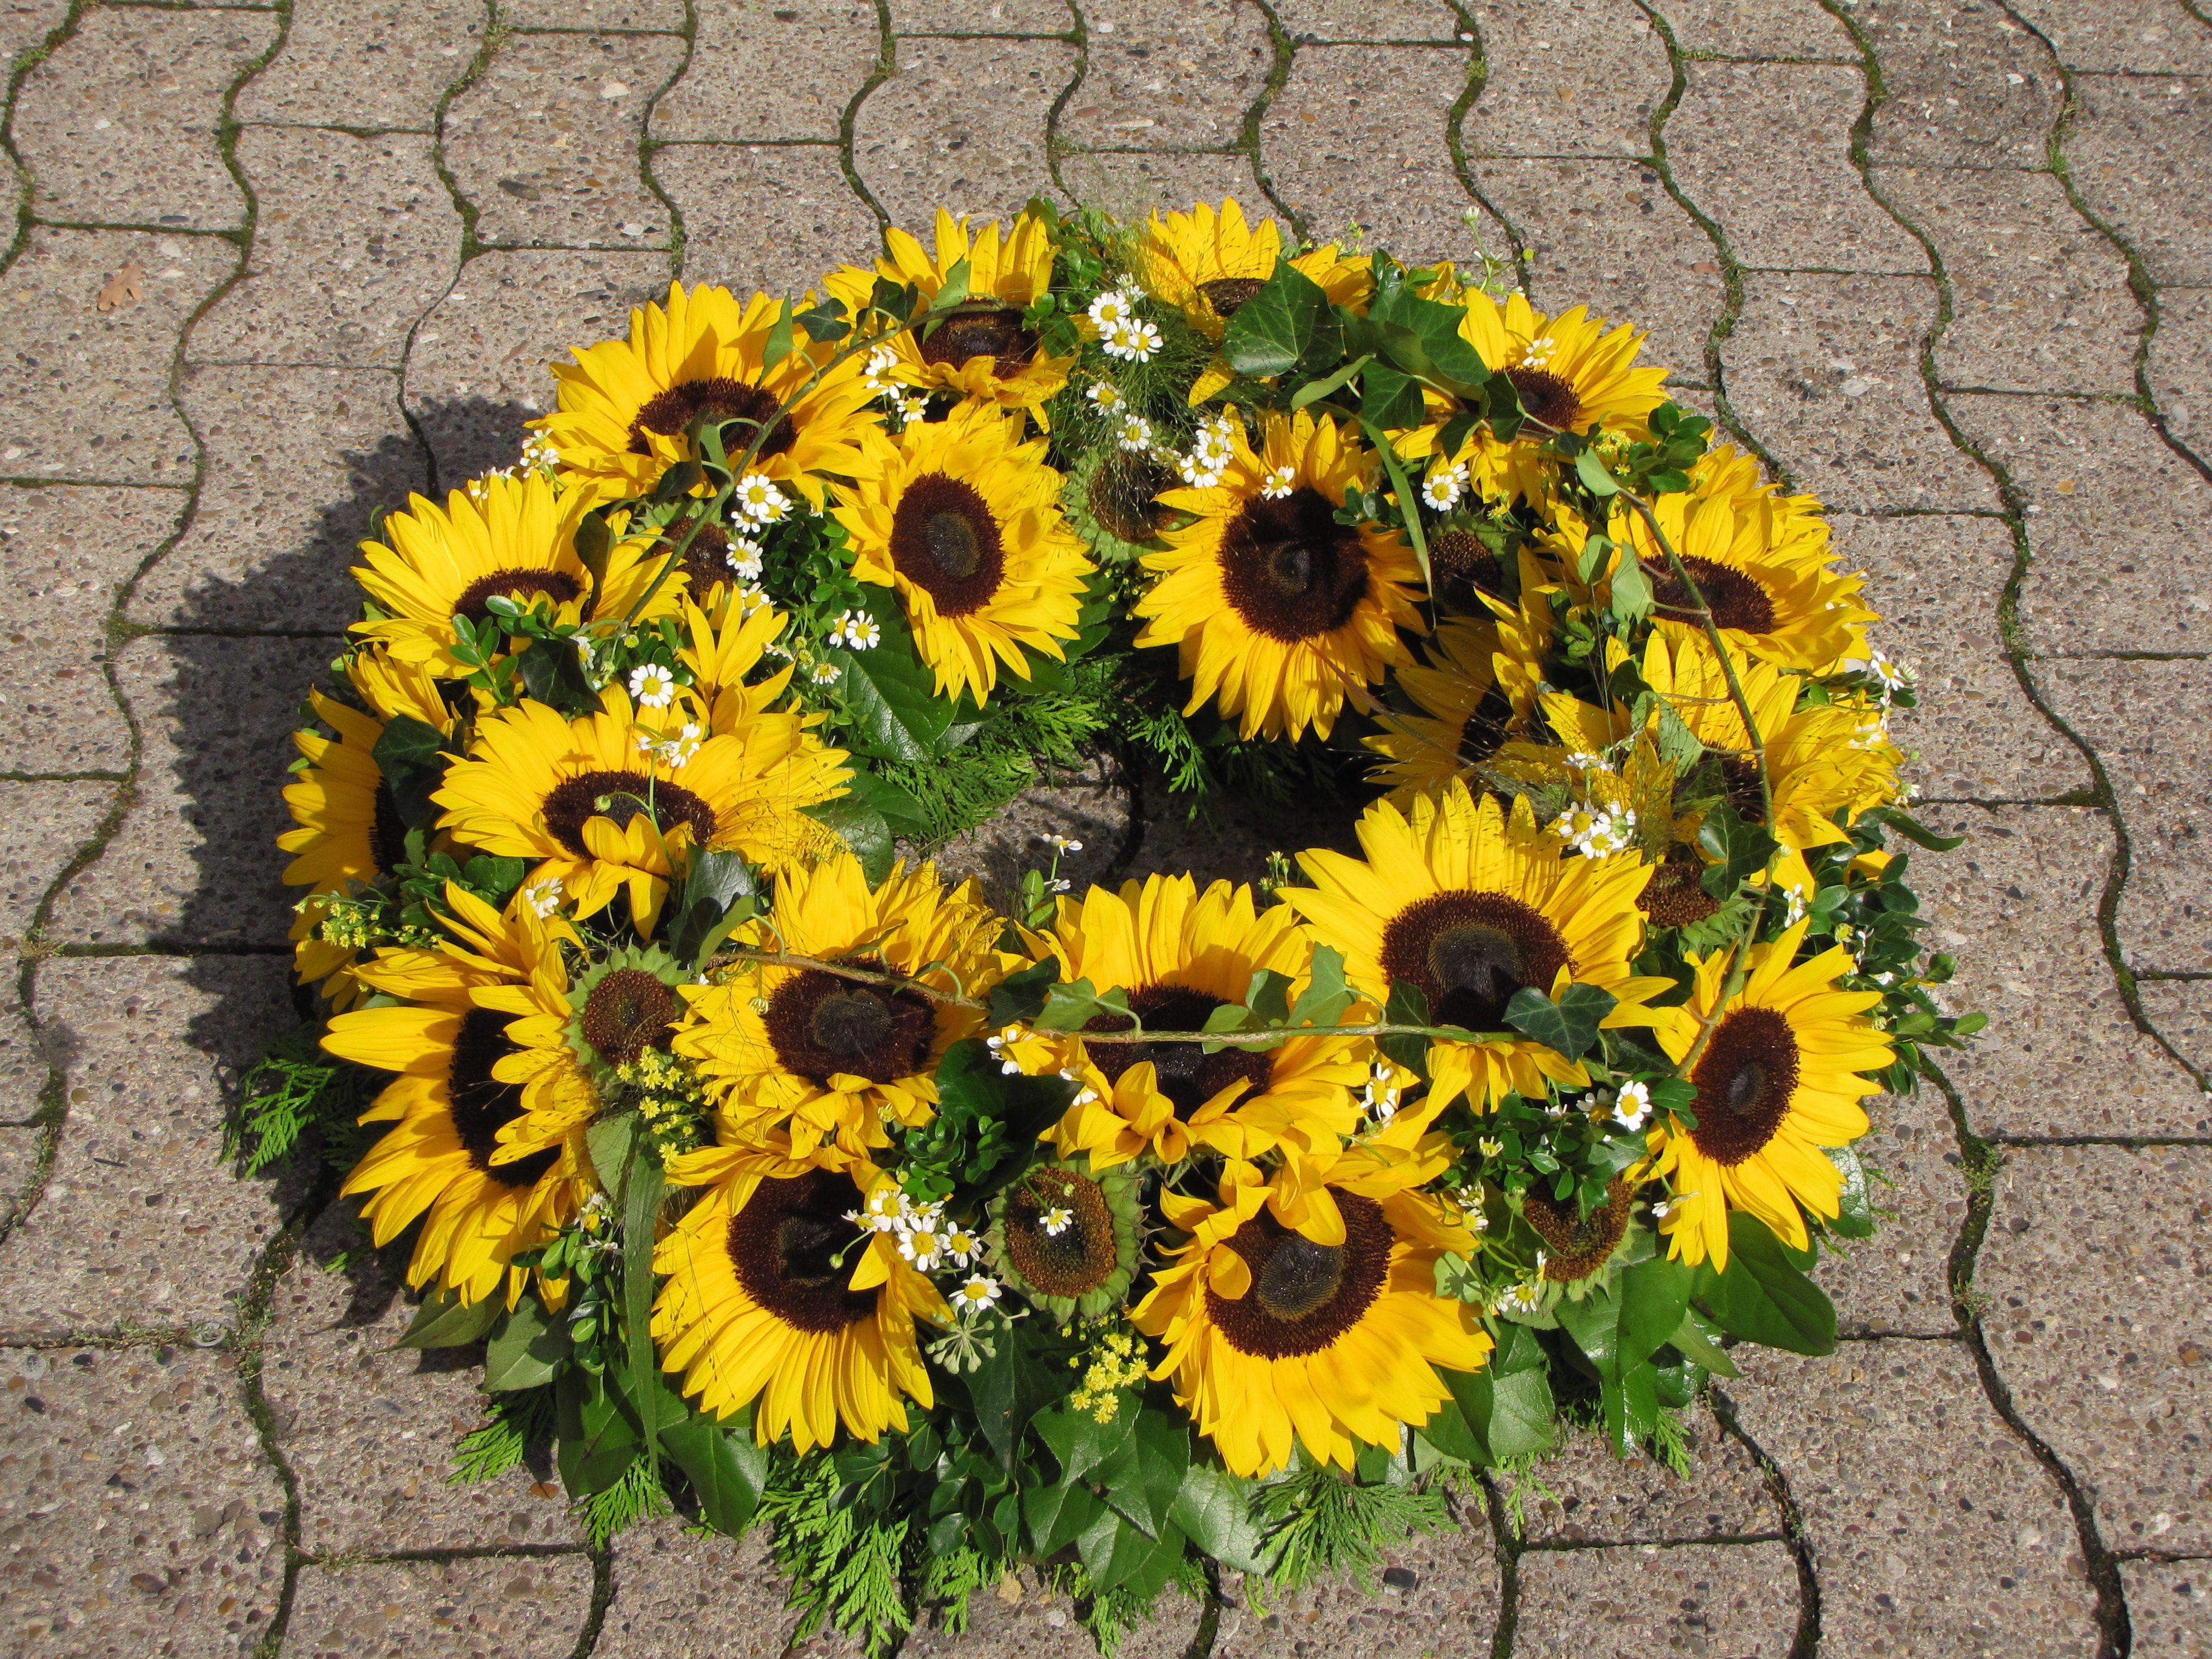 rundgesteckter trauerkranz mit sonnenblumen sie symbolisieren das strahlen eines. Black Bedroom Furniture Sets. Home Design Ideas